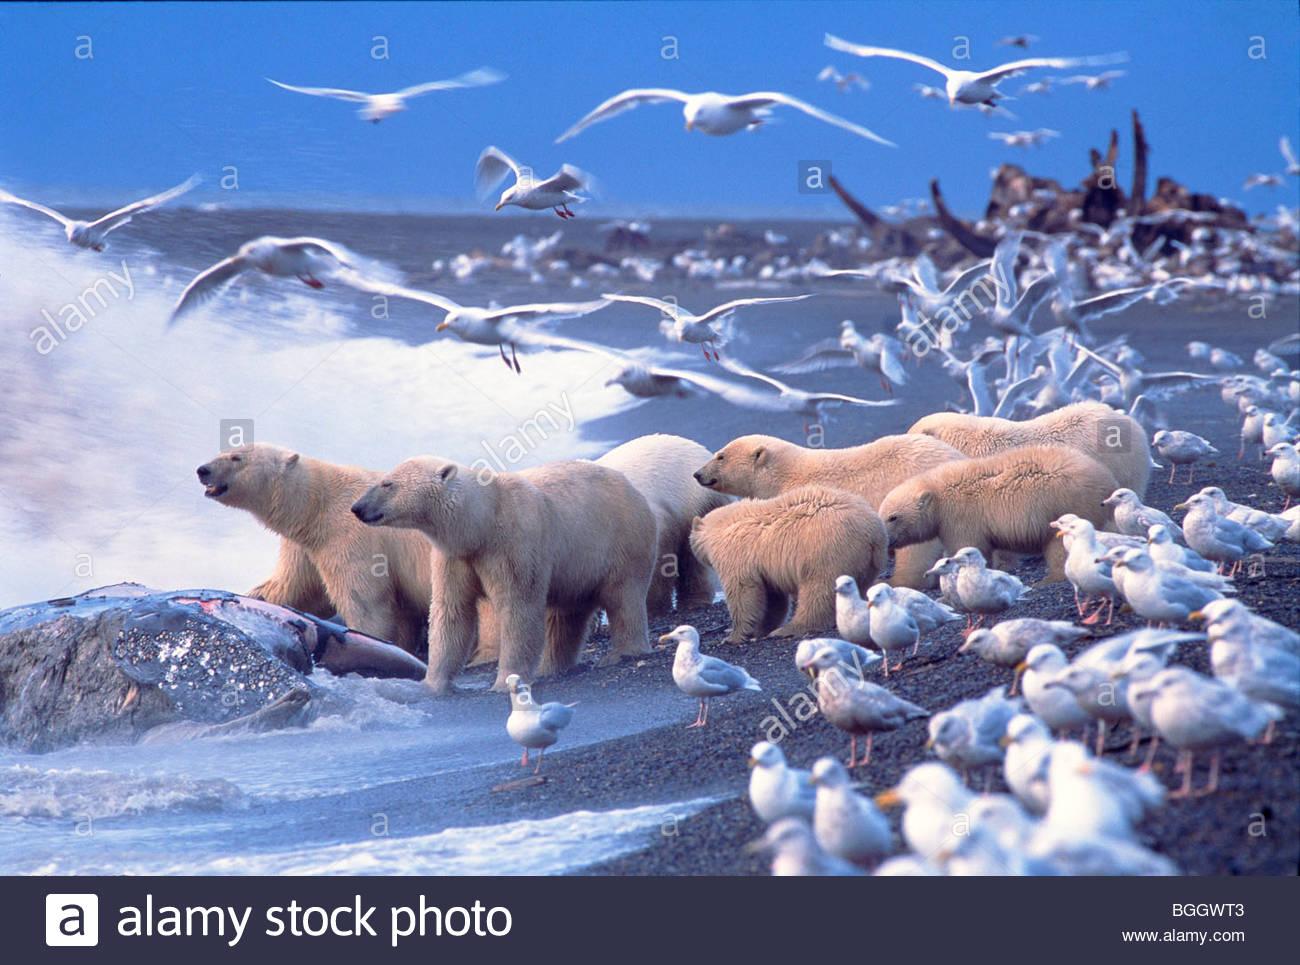 Los osos polares (Ursus maritimus) se reúnen en torno a la Ballena Gris, rodeado de despojos Glaucas Gaviotas. Imagen De Stock